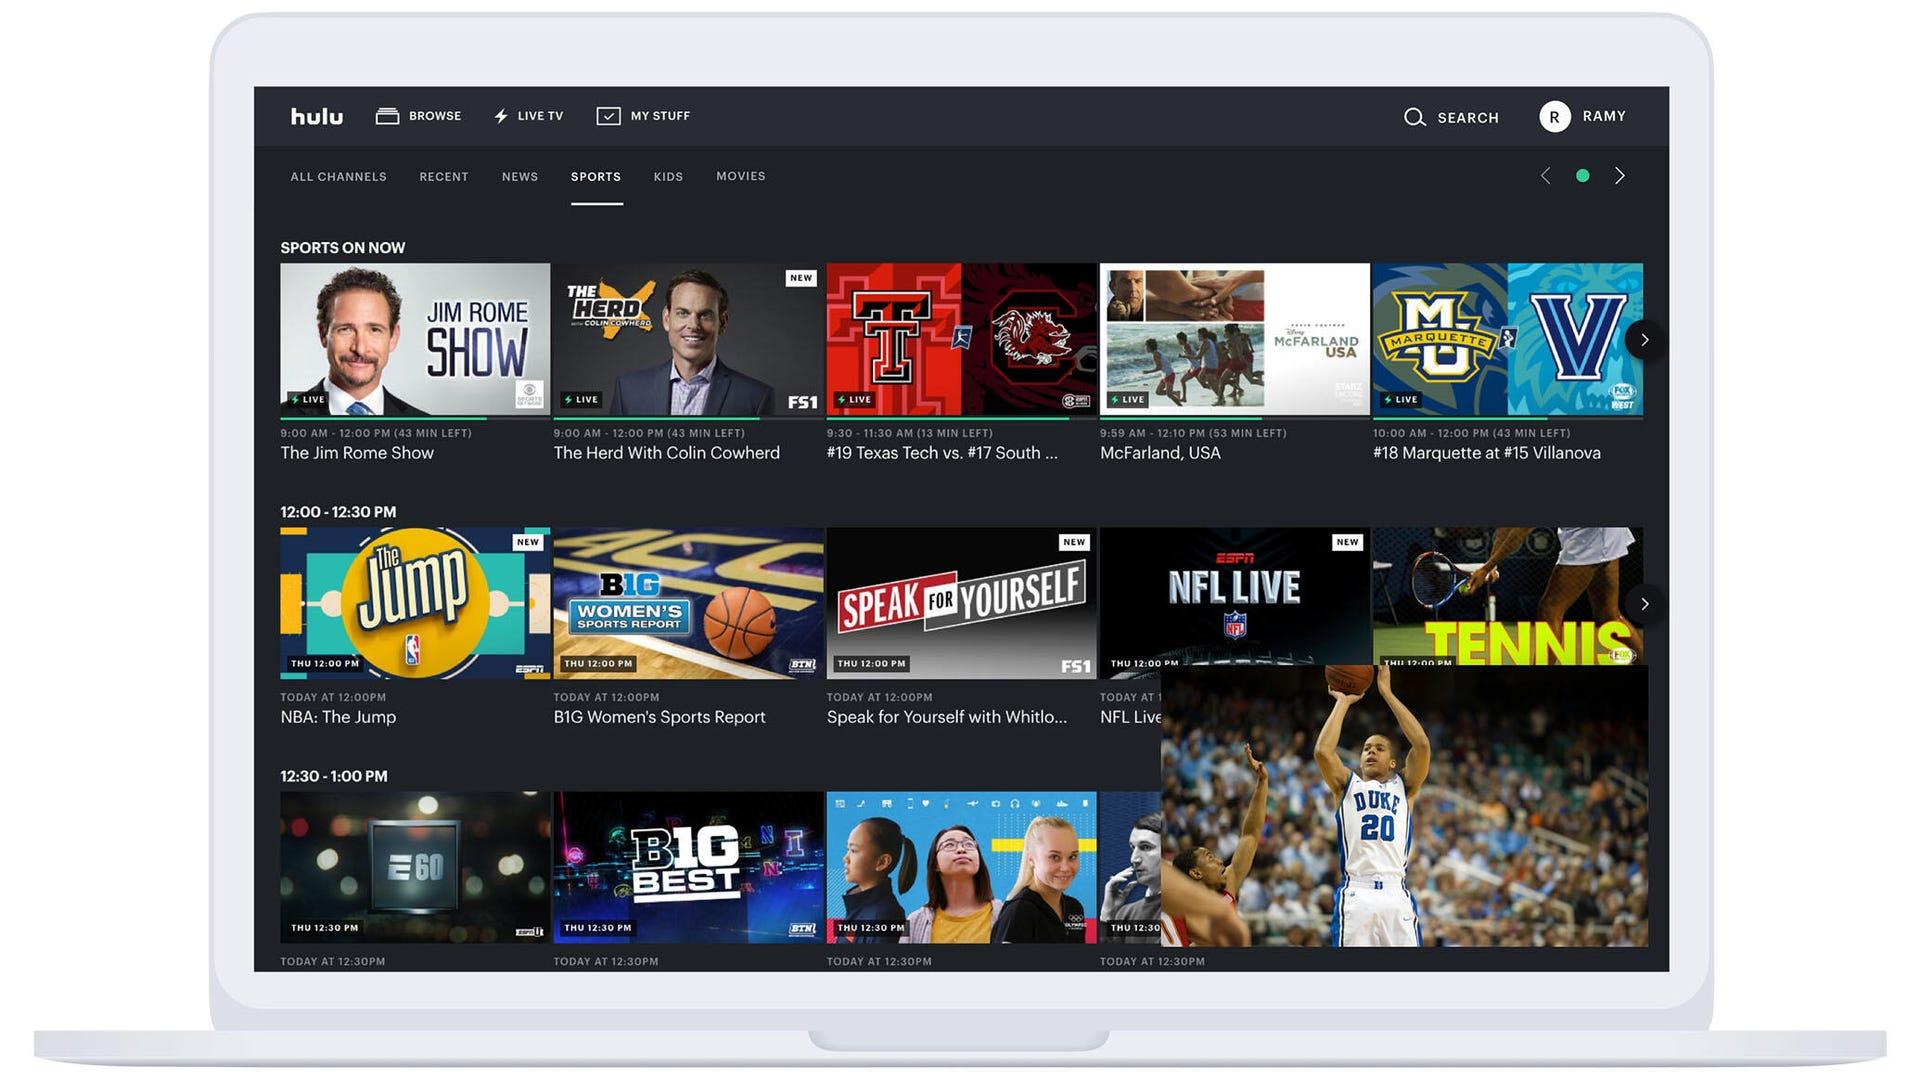 Hulu live sports page on a laptop